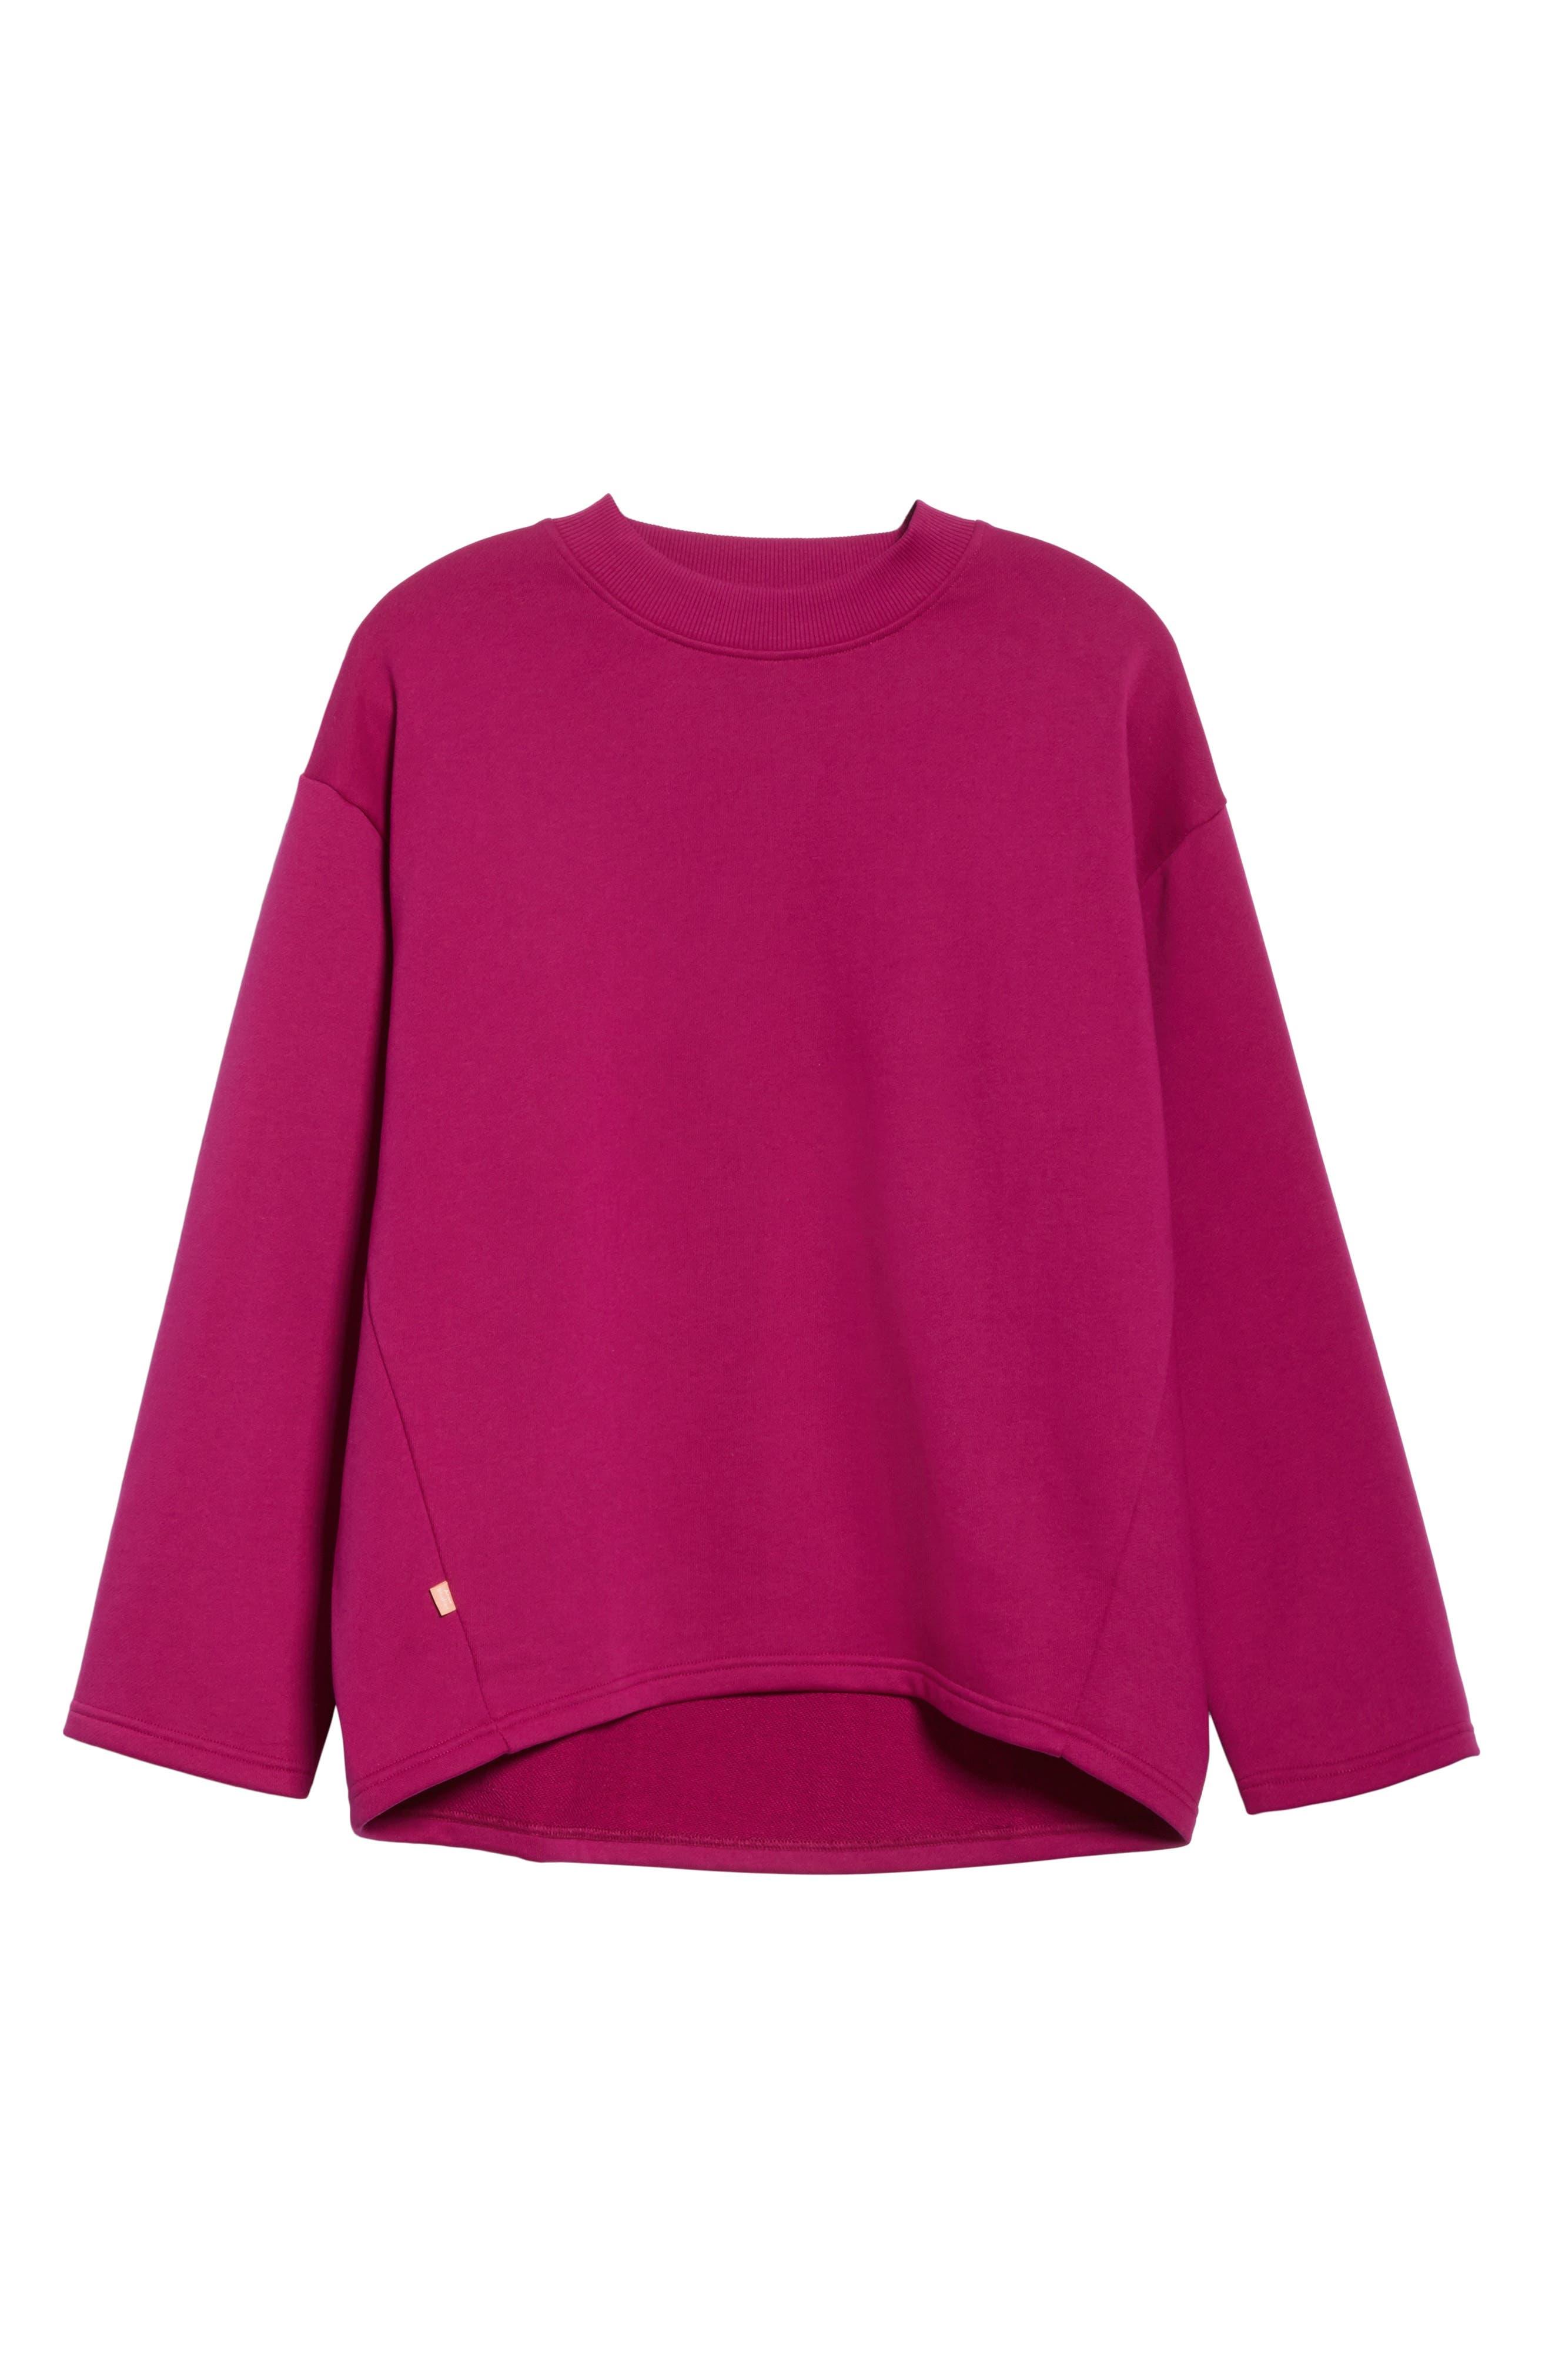 Karvell Sweatshirt,                             Alternate thumbnail 6, color,                             Acid Purple